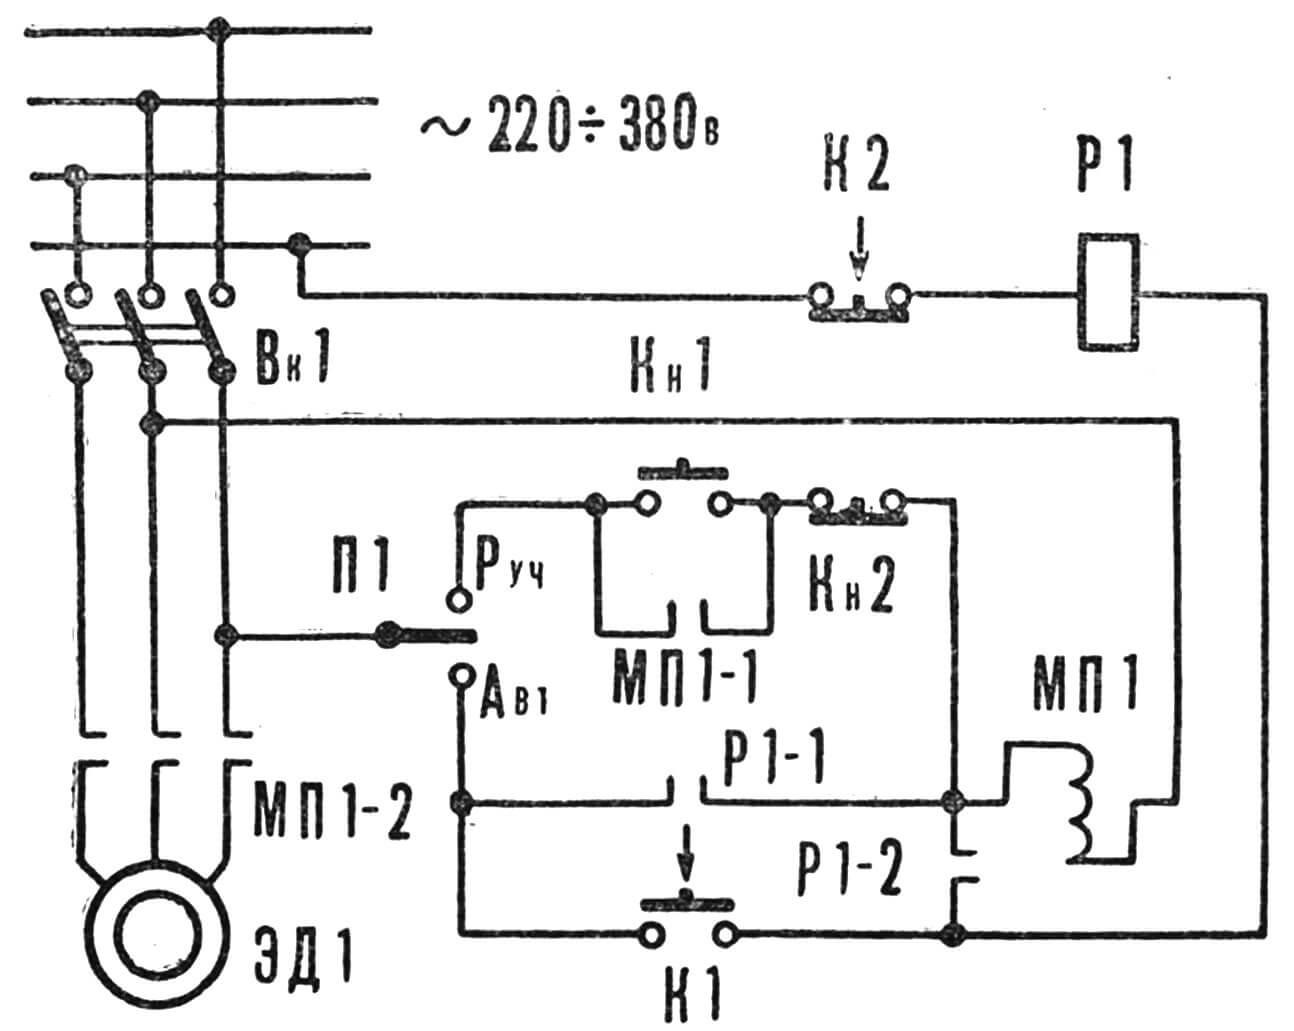 Рис. 4. Автоматический регулятор полива: Кн1 — кнопка «пуска» и КН2 — кнопка «стоп» используются при ручном управлении.